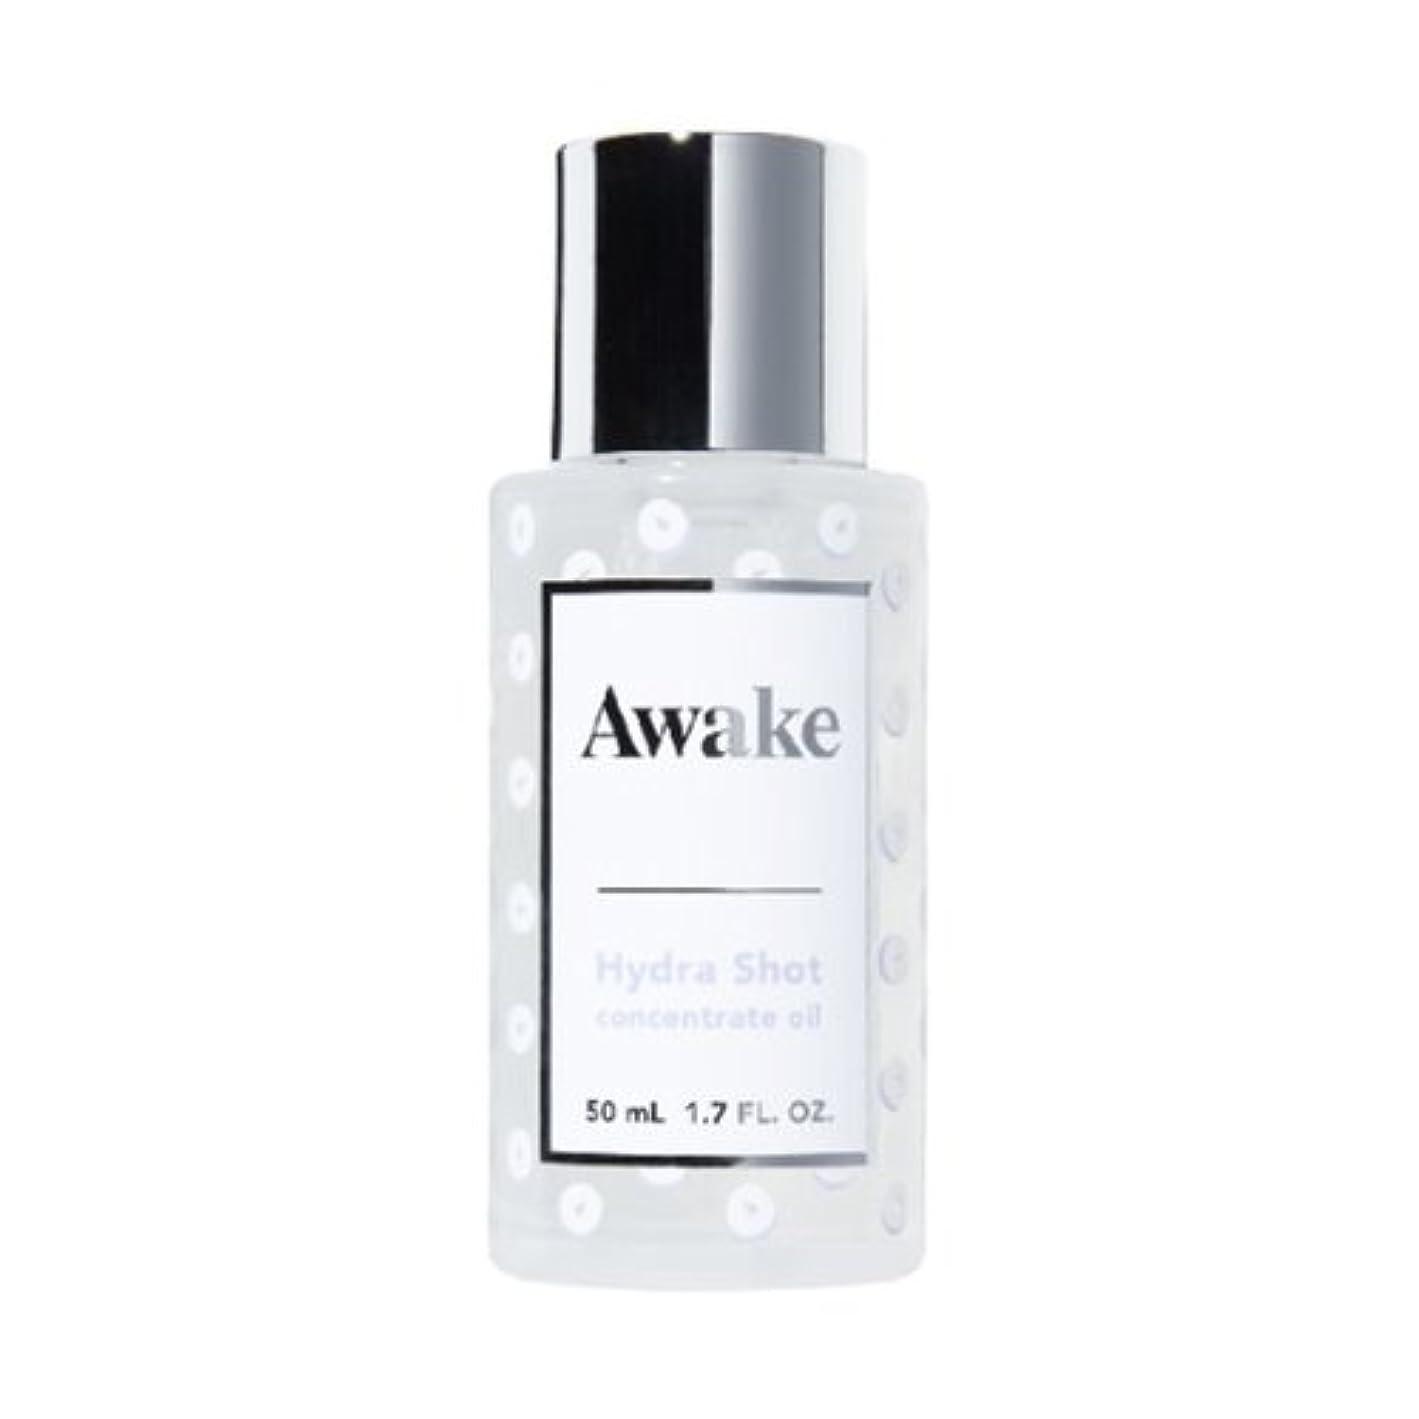 慈悲深い常習者分岐するアウェイク(AWAKE) Awake(アウェイク) ハイドラショット コンセントレイトオイル 〈美容オイル〉 (20mL)